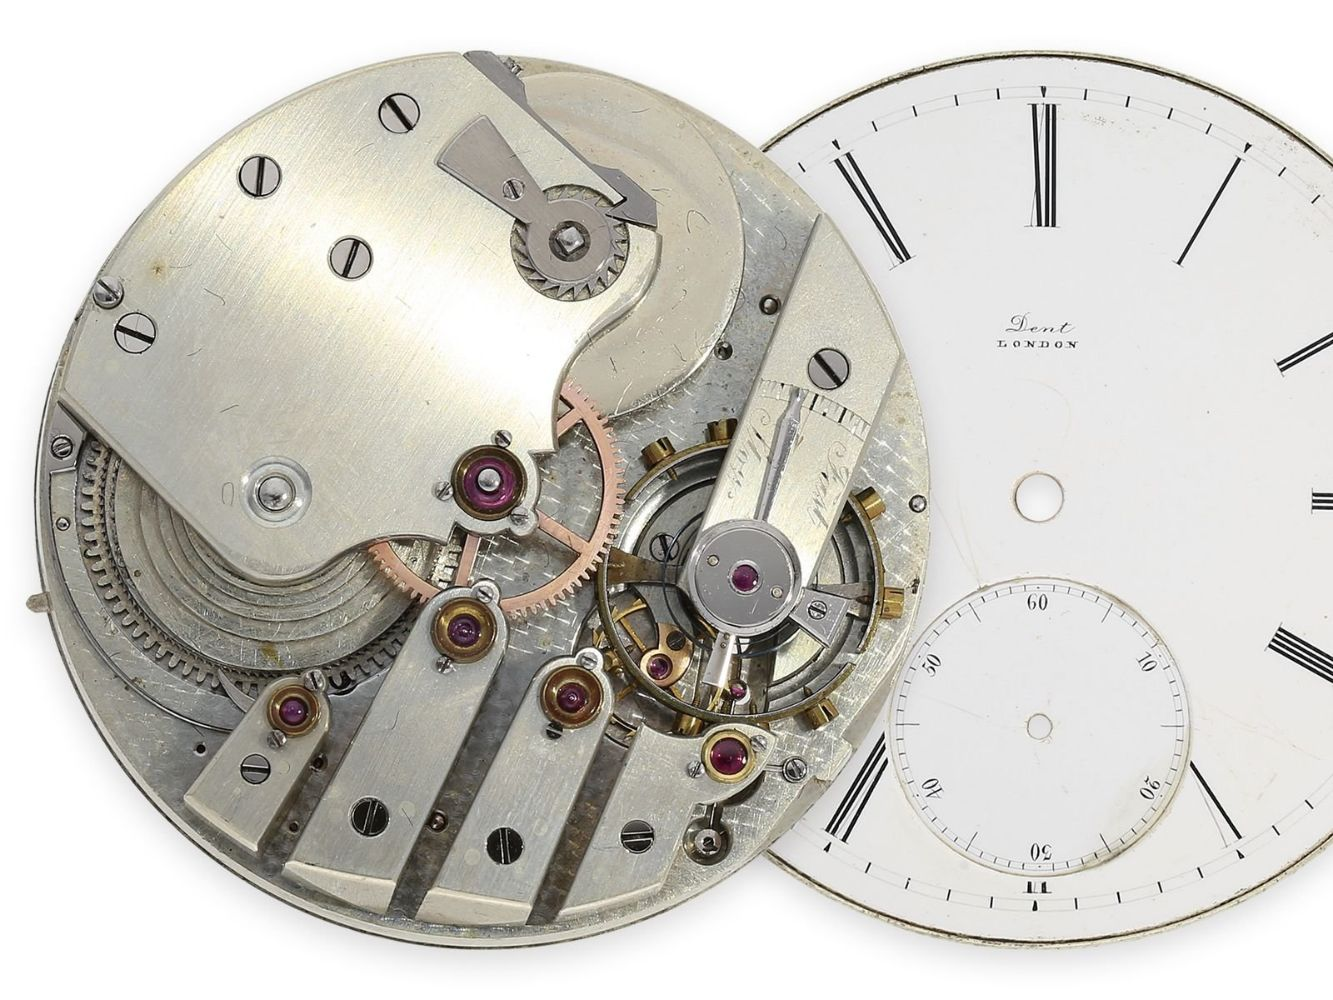 Hochwertige Taschen- & Armbanduhren, Feine Sammleruhren